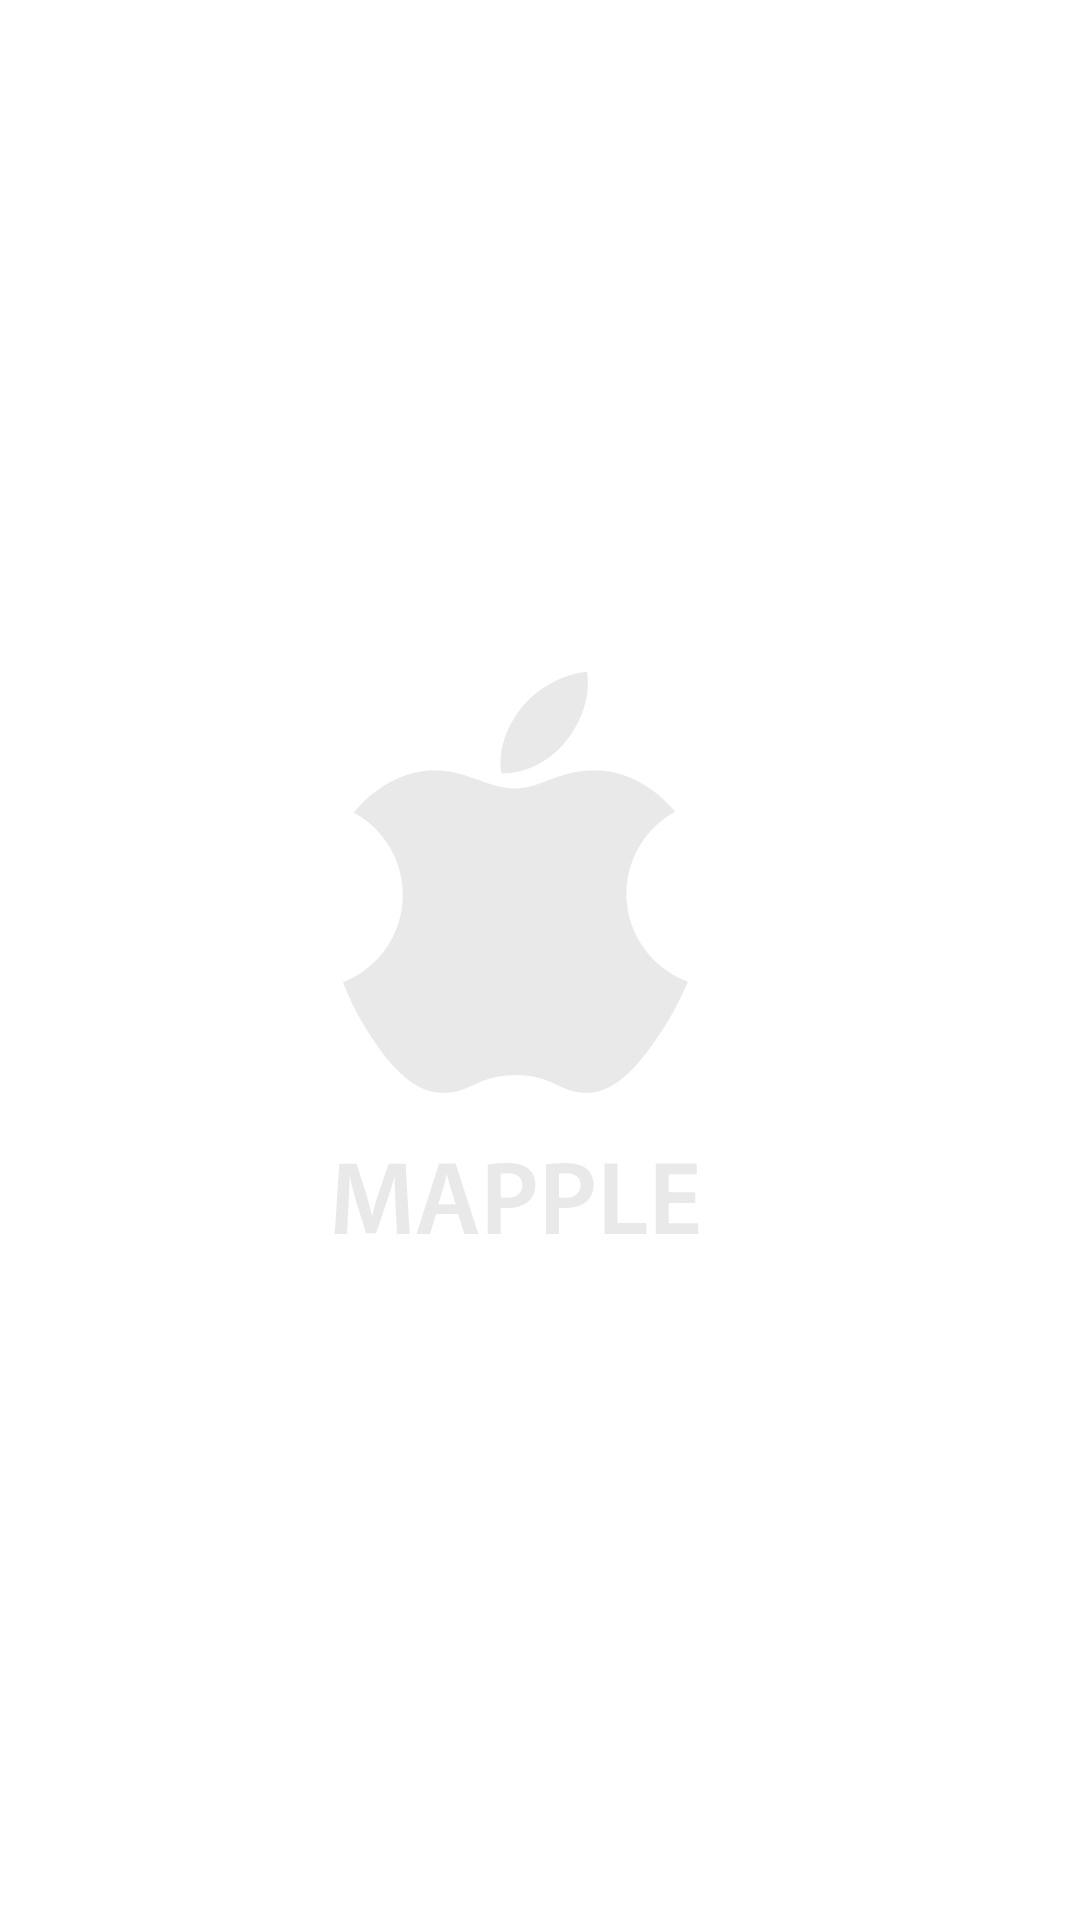 iPhone 8 Plus,7 Plus,6s Plus 壁紙 0100